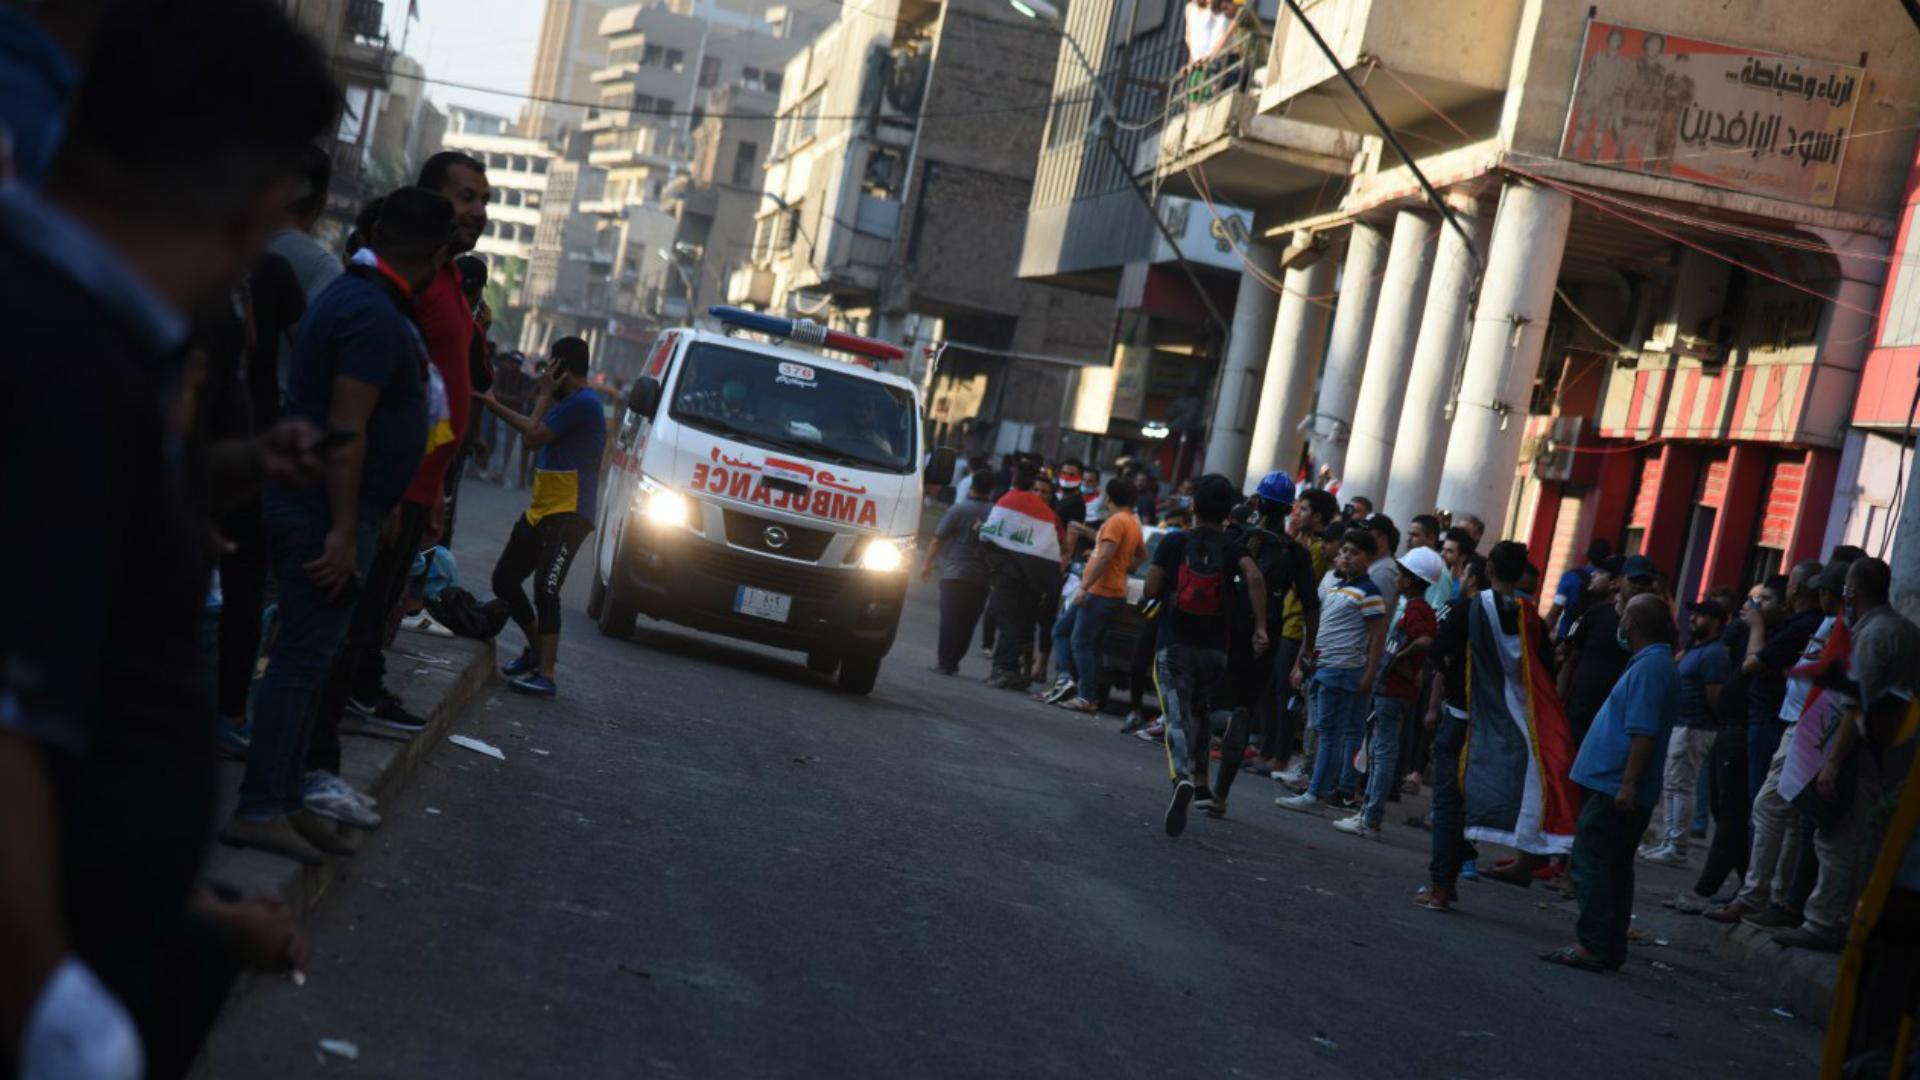 مفوضية حقوق الإنسان تؤكد امتناع السلطات نشر الحصيلة الرسمية لضحايا التظاهرات